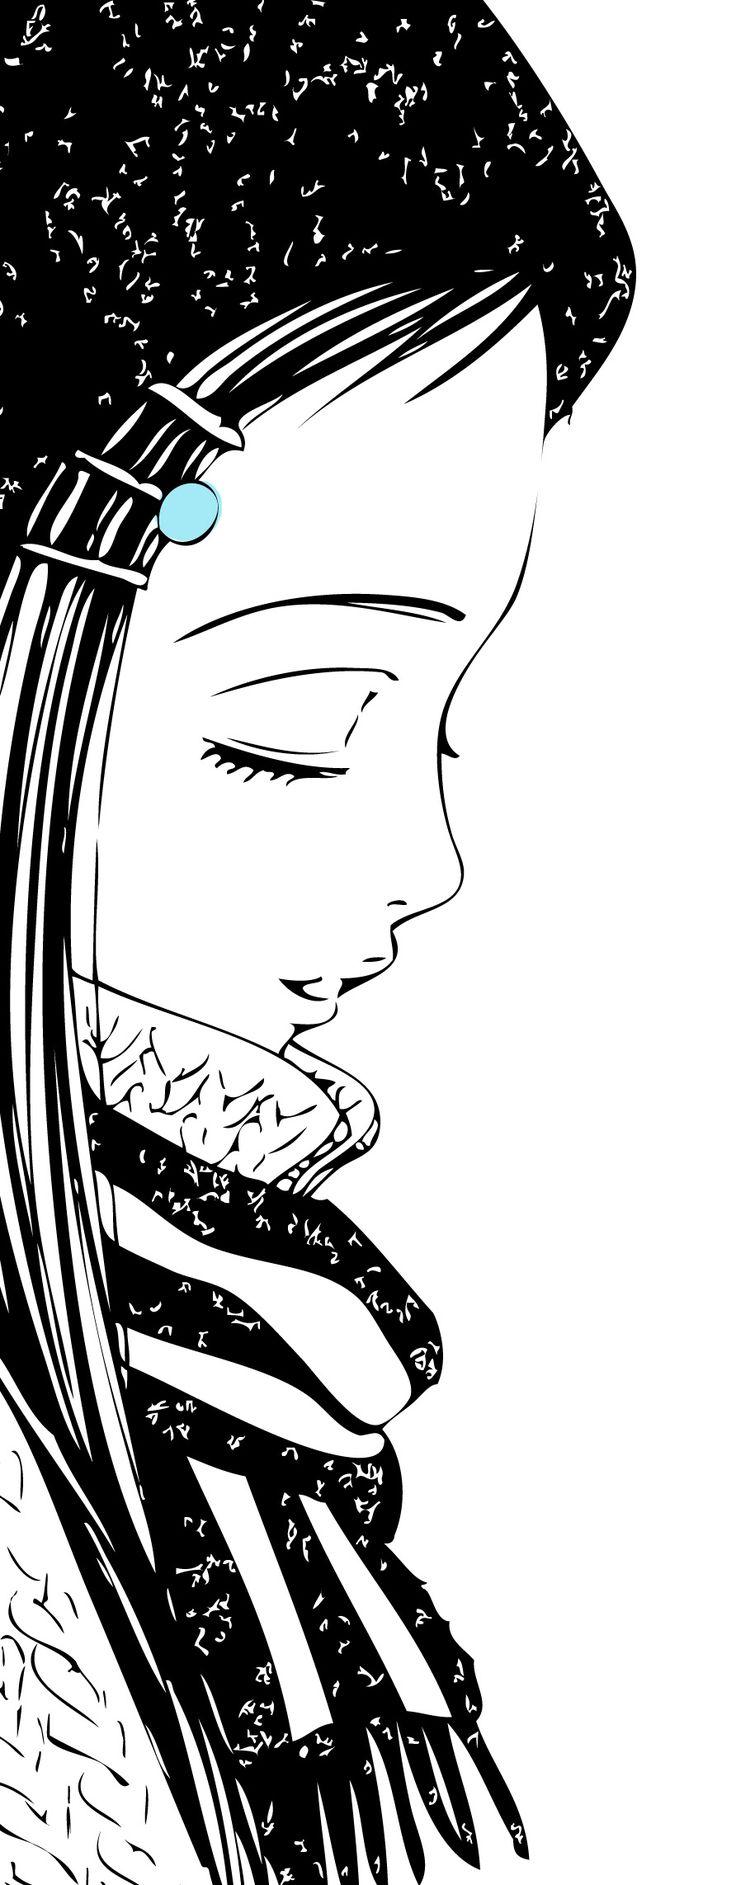 hachi | nana                                                                                                                                                                                 More